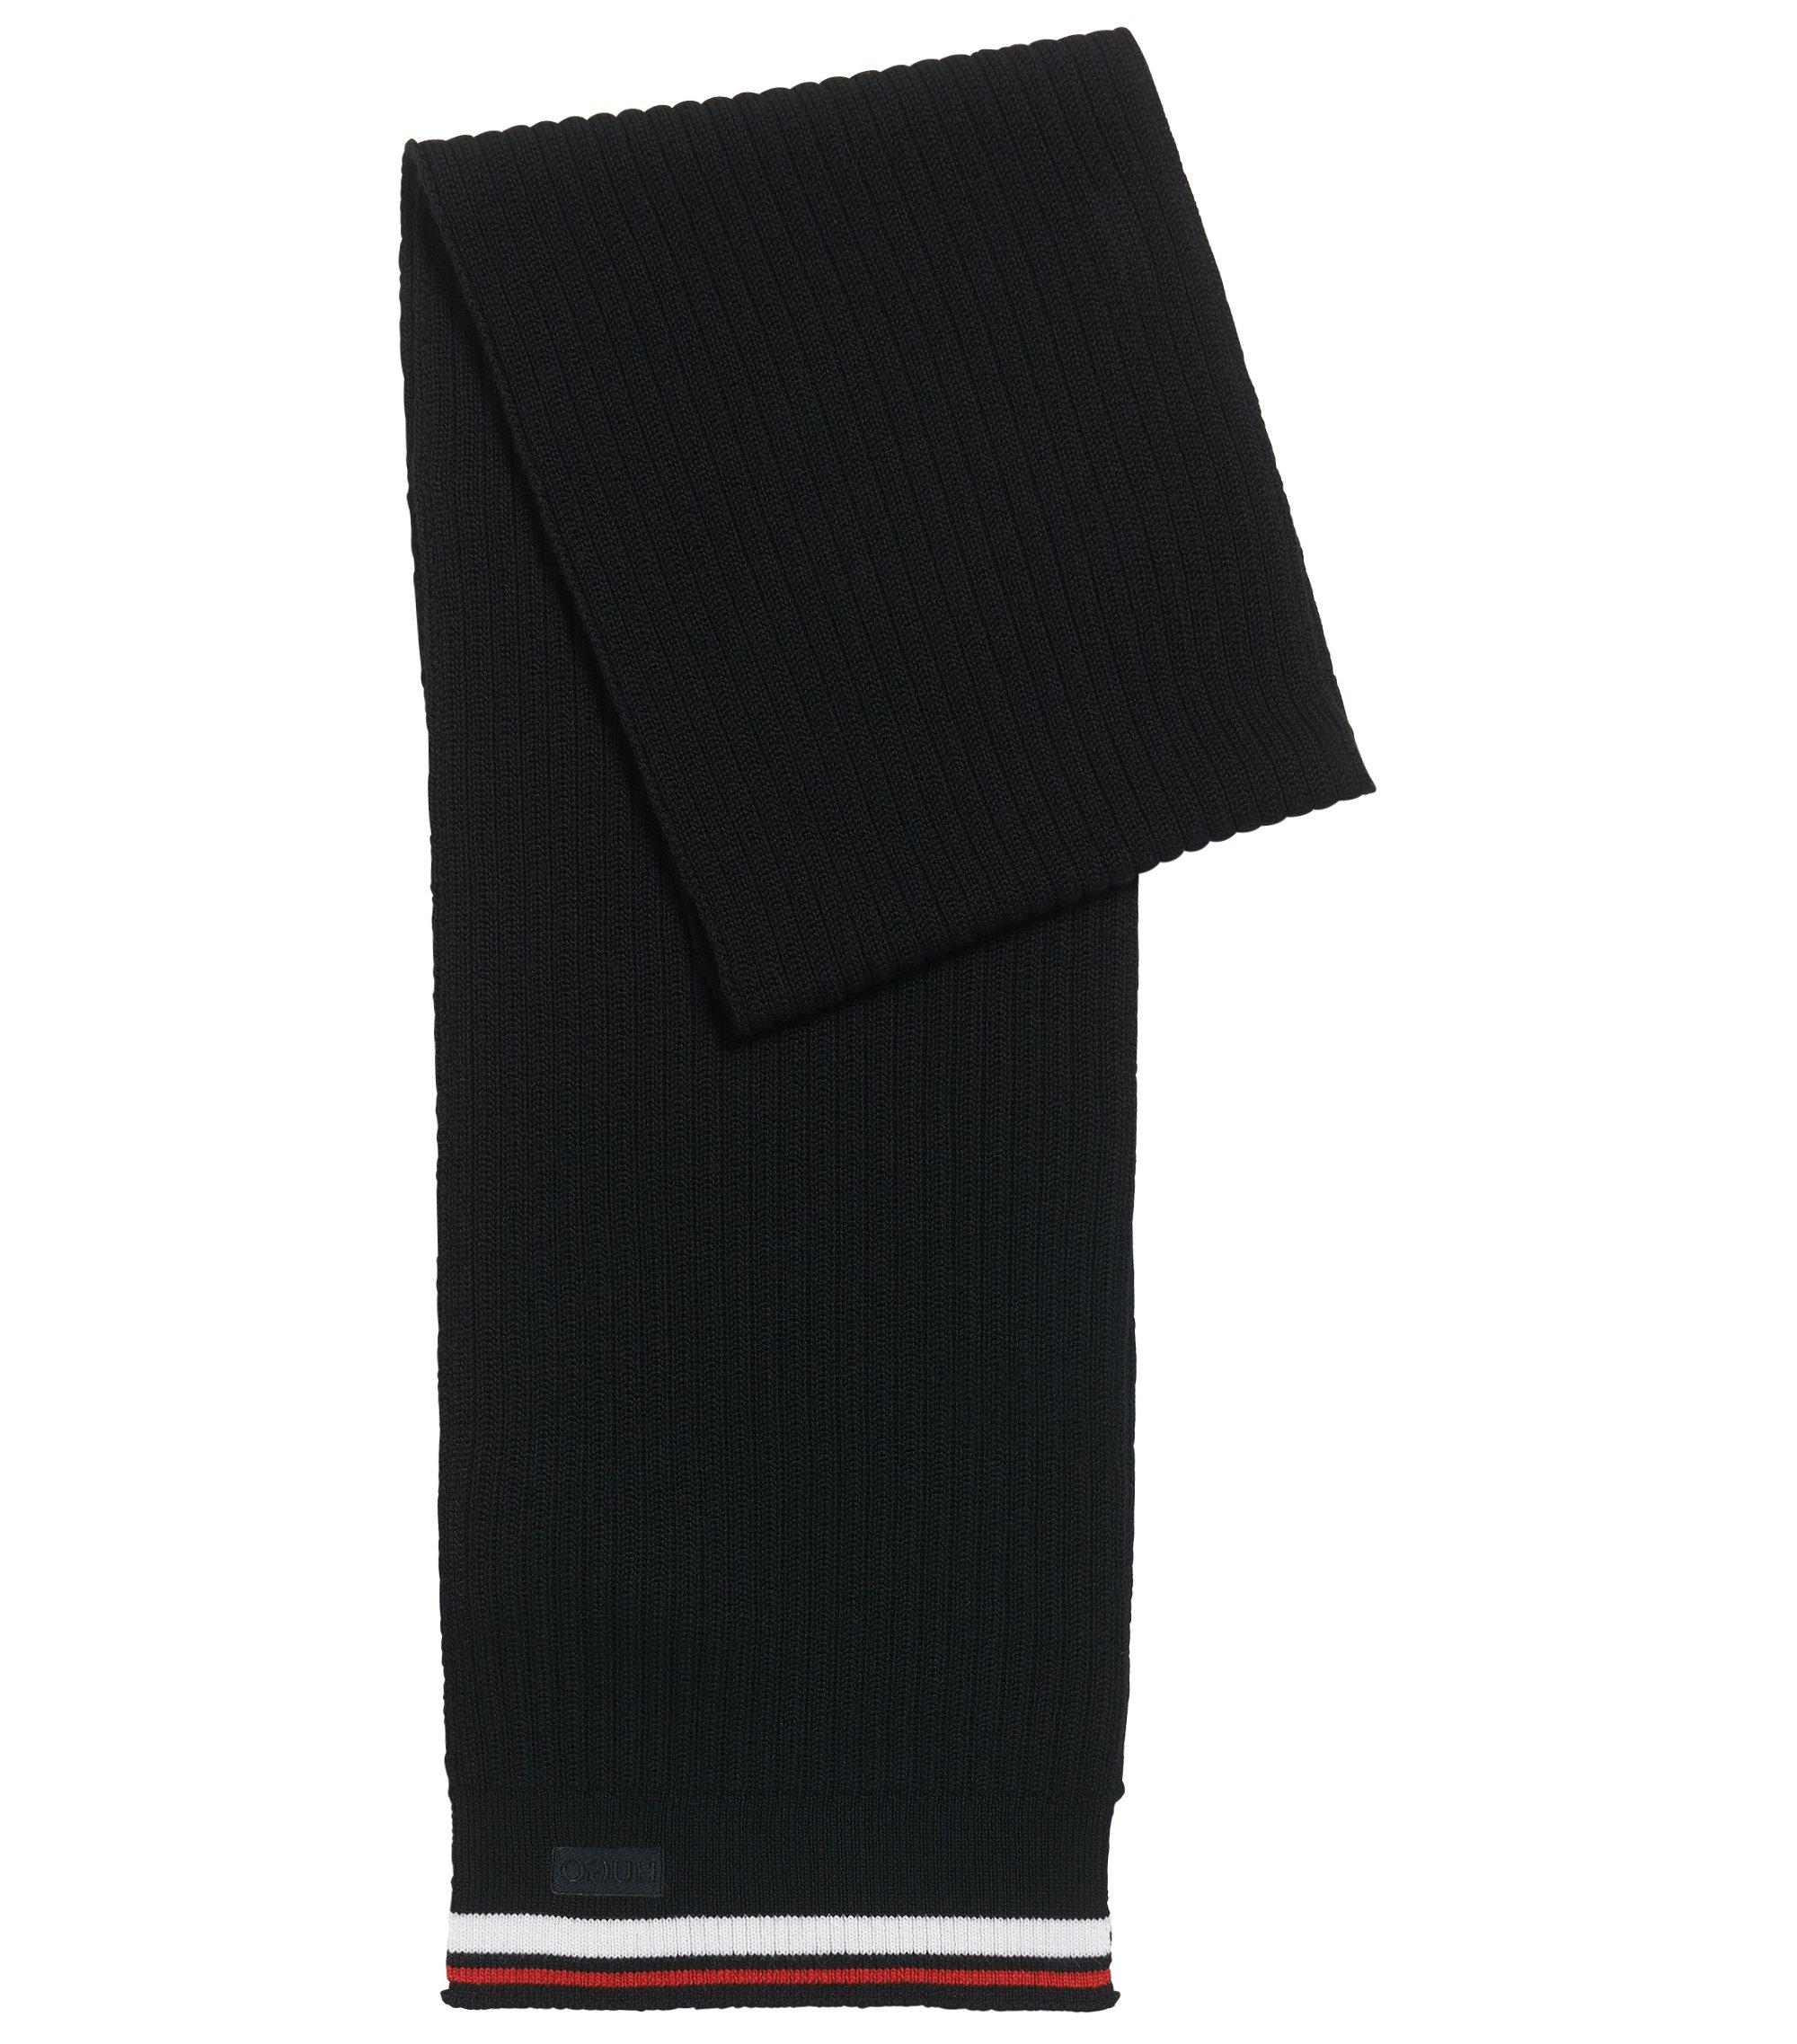 Écharpe côtelée en laine mérinos à détail rayé, Noir